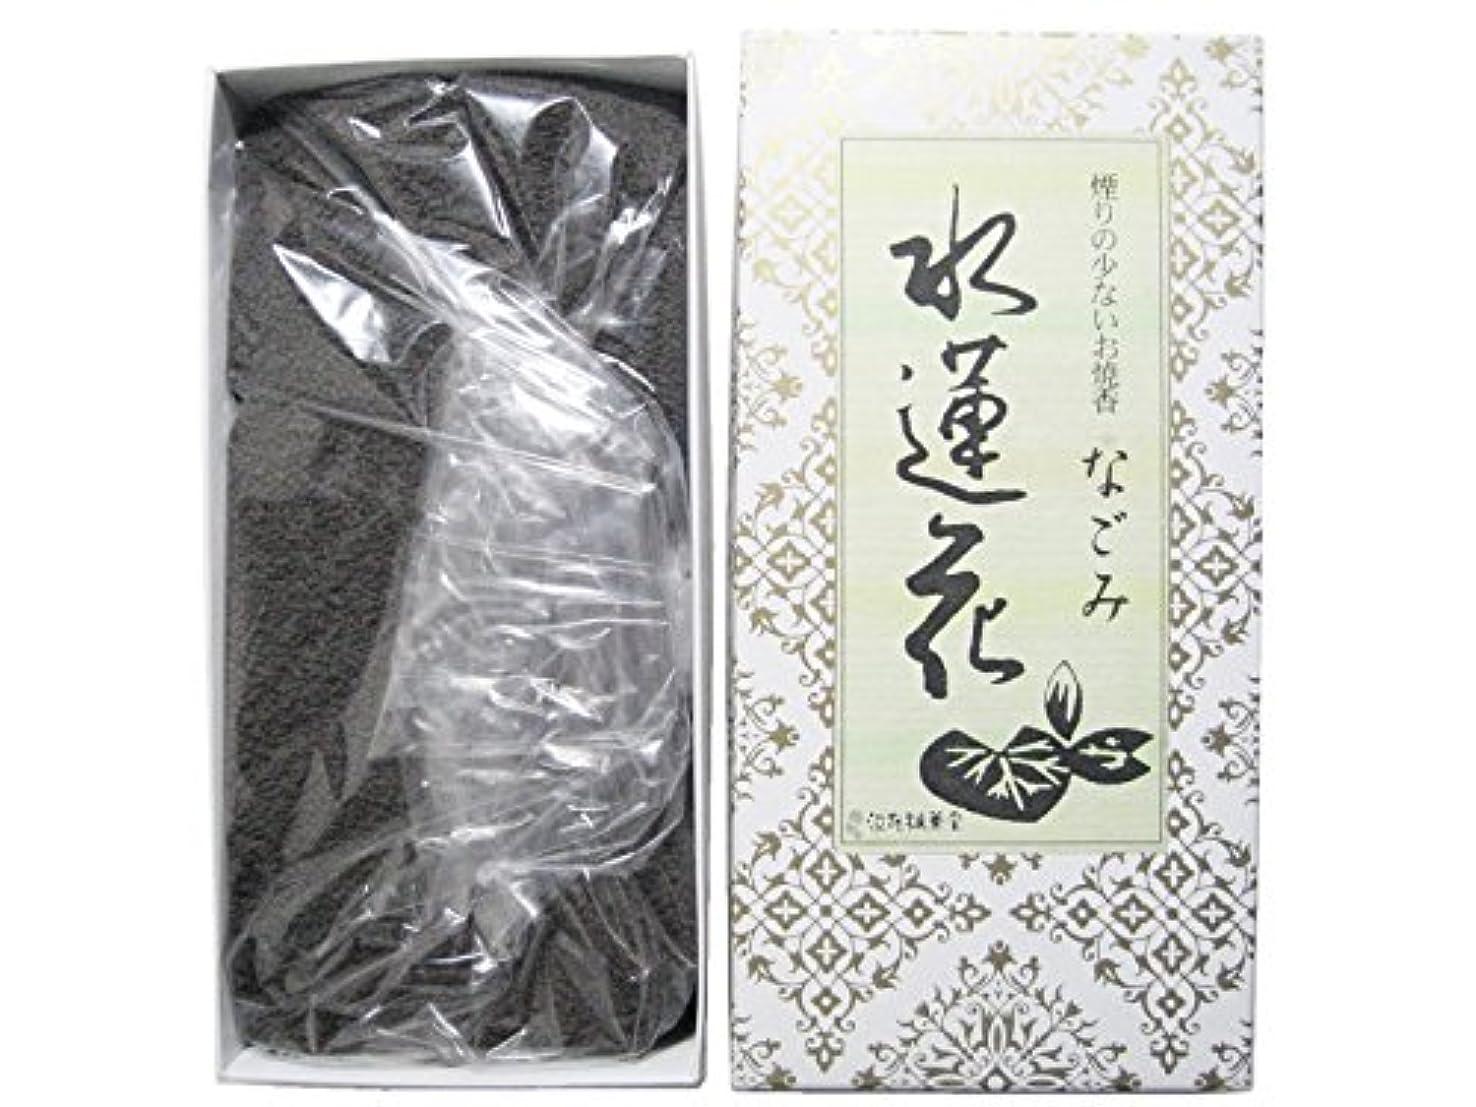 アーカイブ階デイジー淡路梅薫堂のお香 煙の少ないお焼香 なごみ 水蓮花 500g×5箱 #931